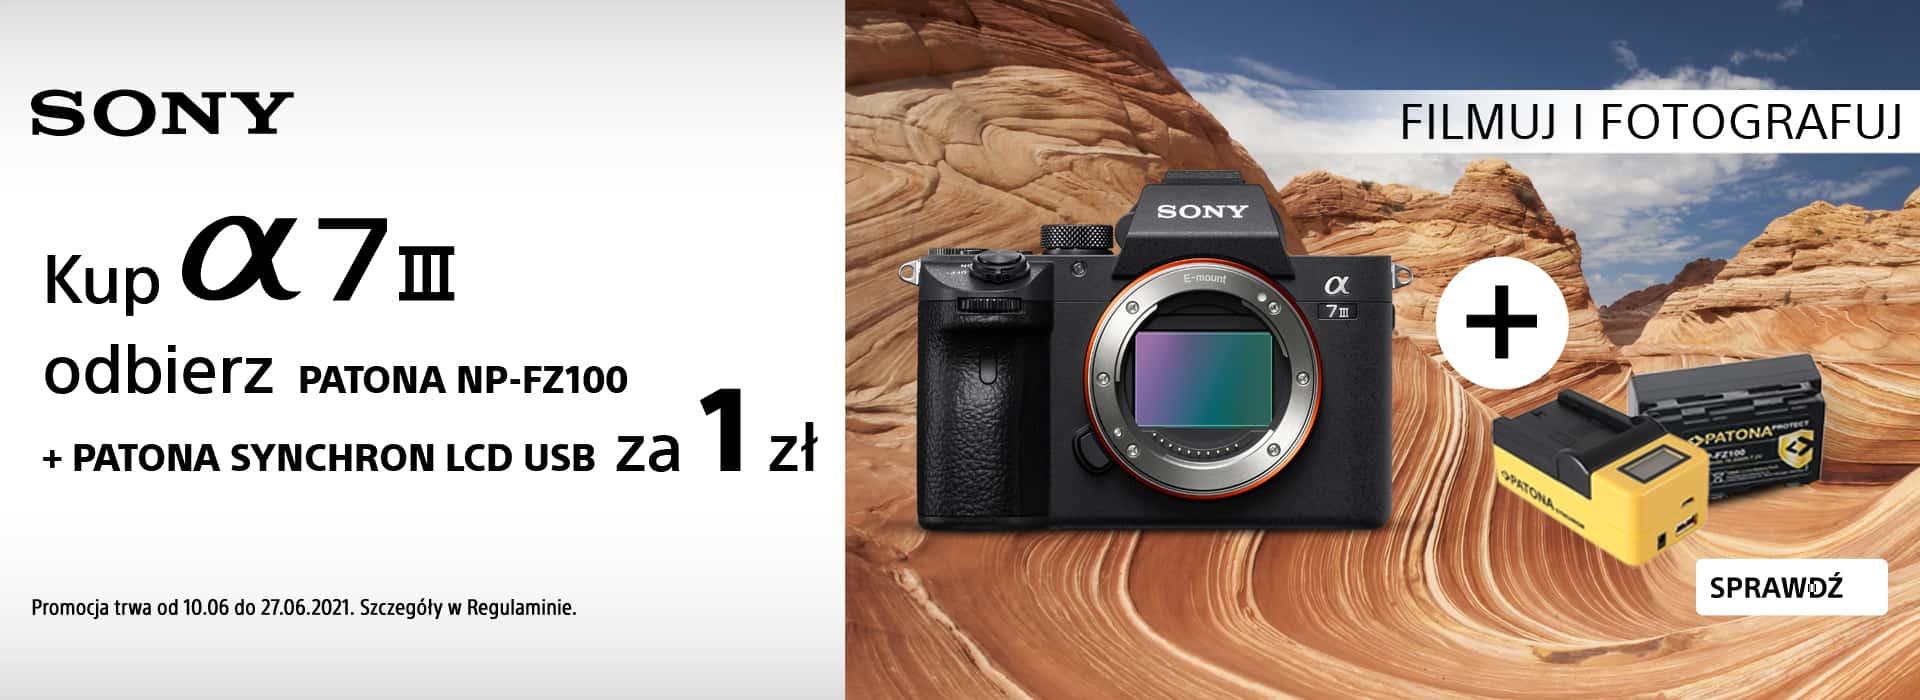 Sony%20Cashback.jpg